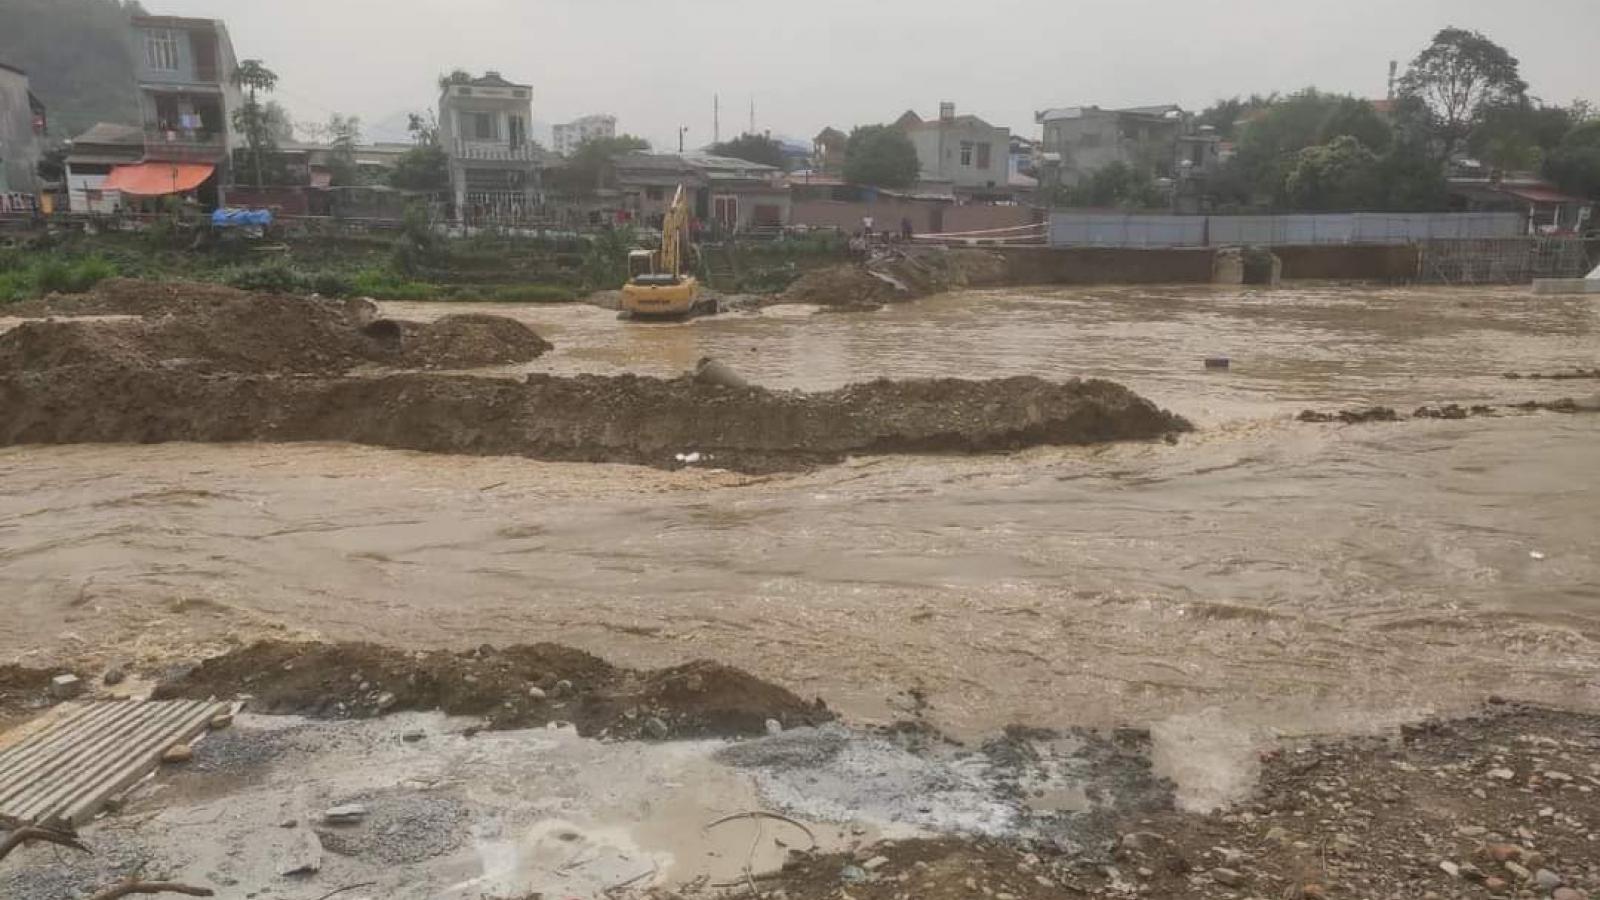 Hàng chục công nhân tháo chạy vì lũ bất thường trên sông Cầu